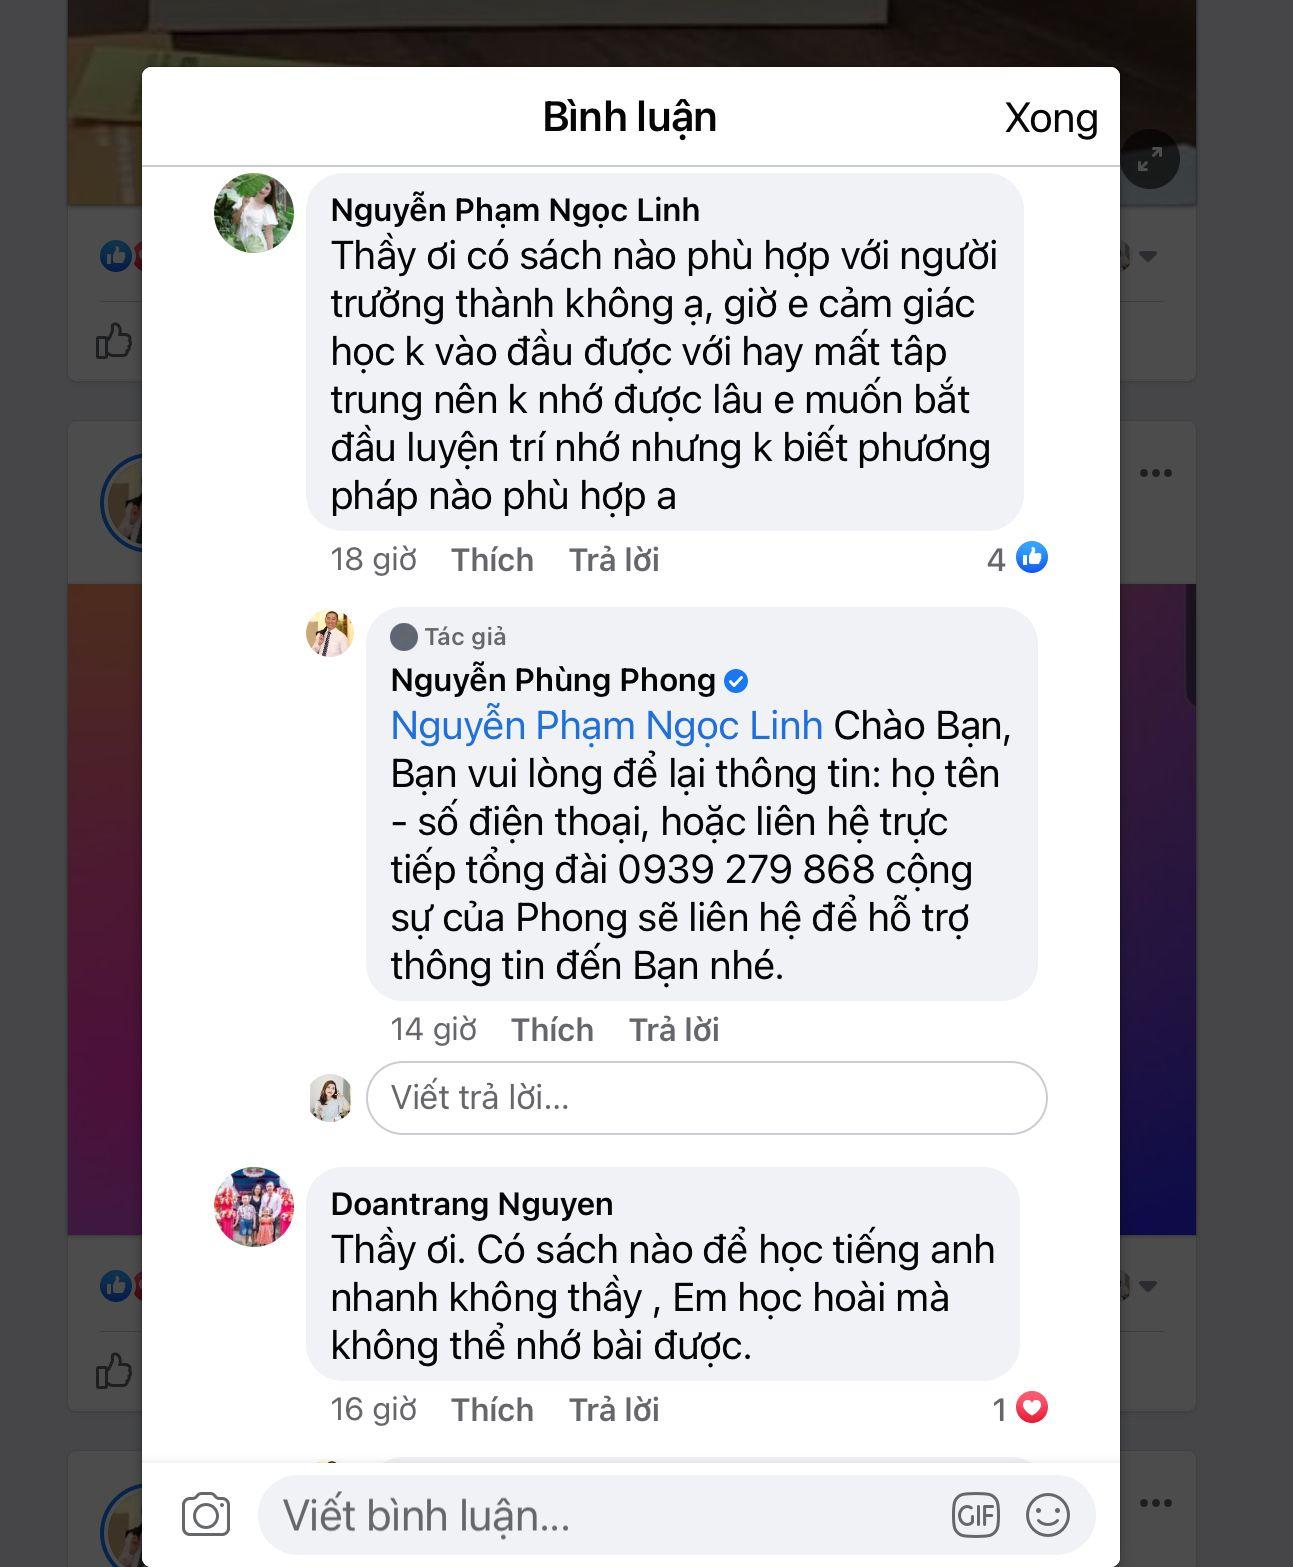 Ảnh chụp màn hình bình luận từ cộng đồng trên fanpage Nguyễn Phùng Phong